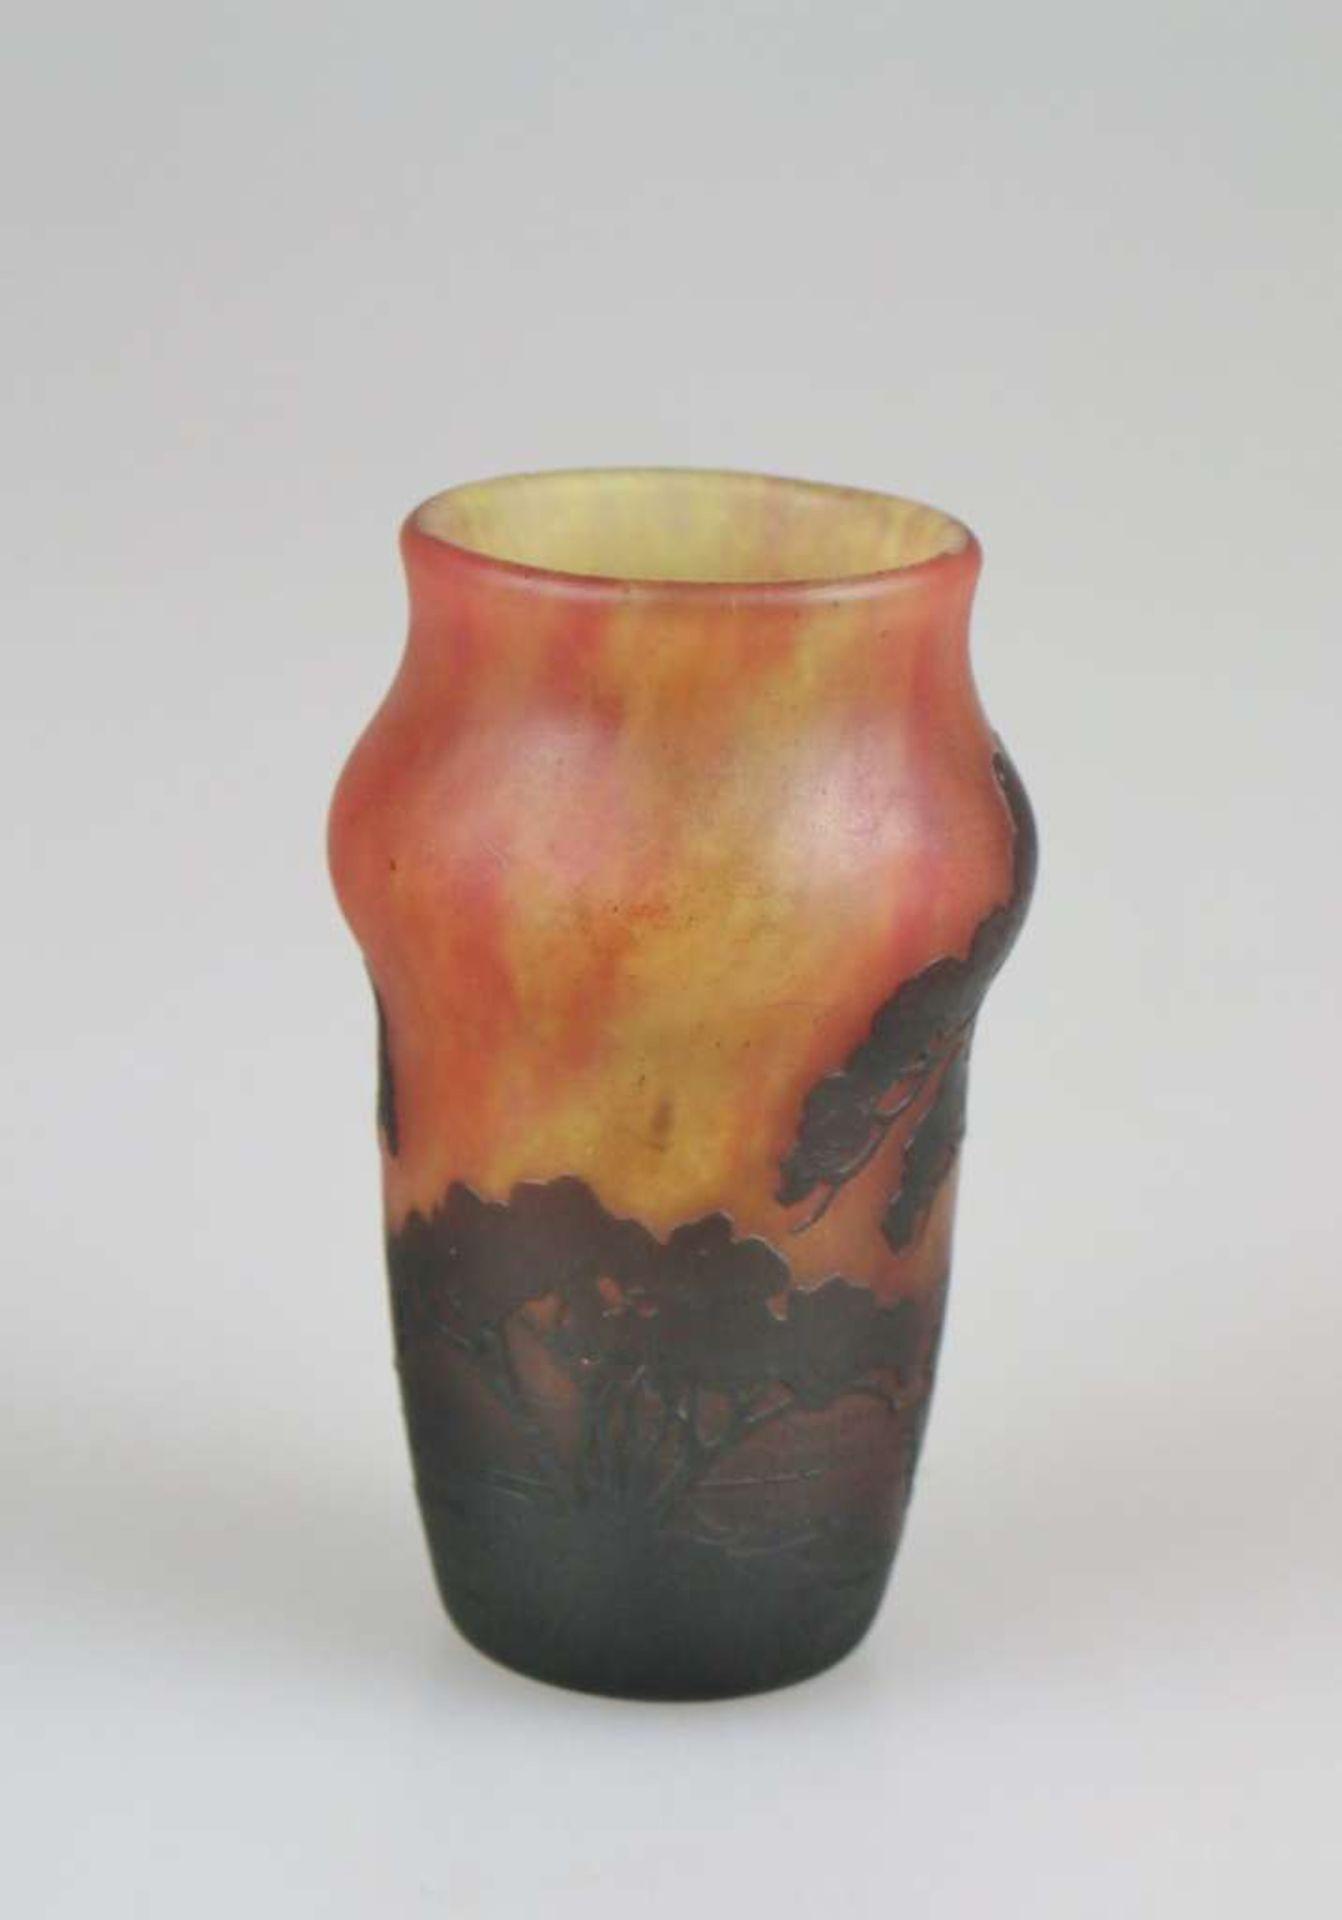 Daum Vase mit Seenlandschaft, Daum Frères, Nancy, um 1910, farbloses Glas mit mehrfarbigen Pul - Bild 2 aus 3